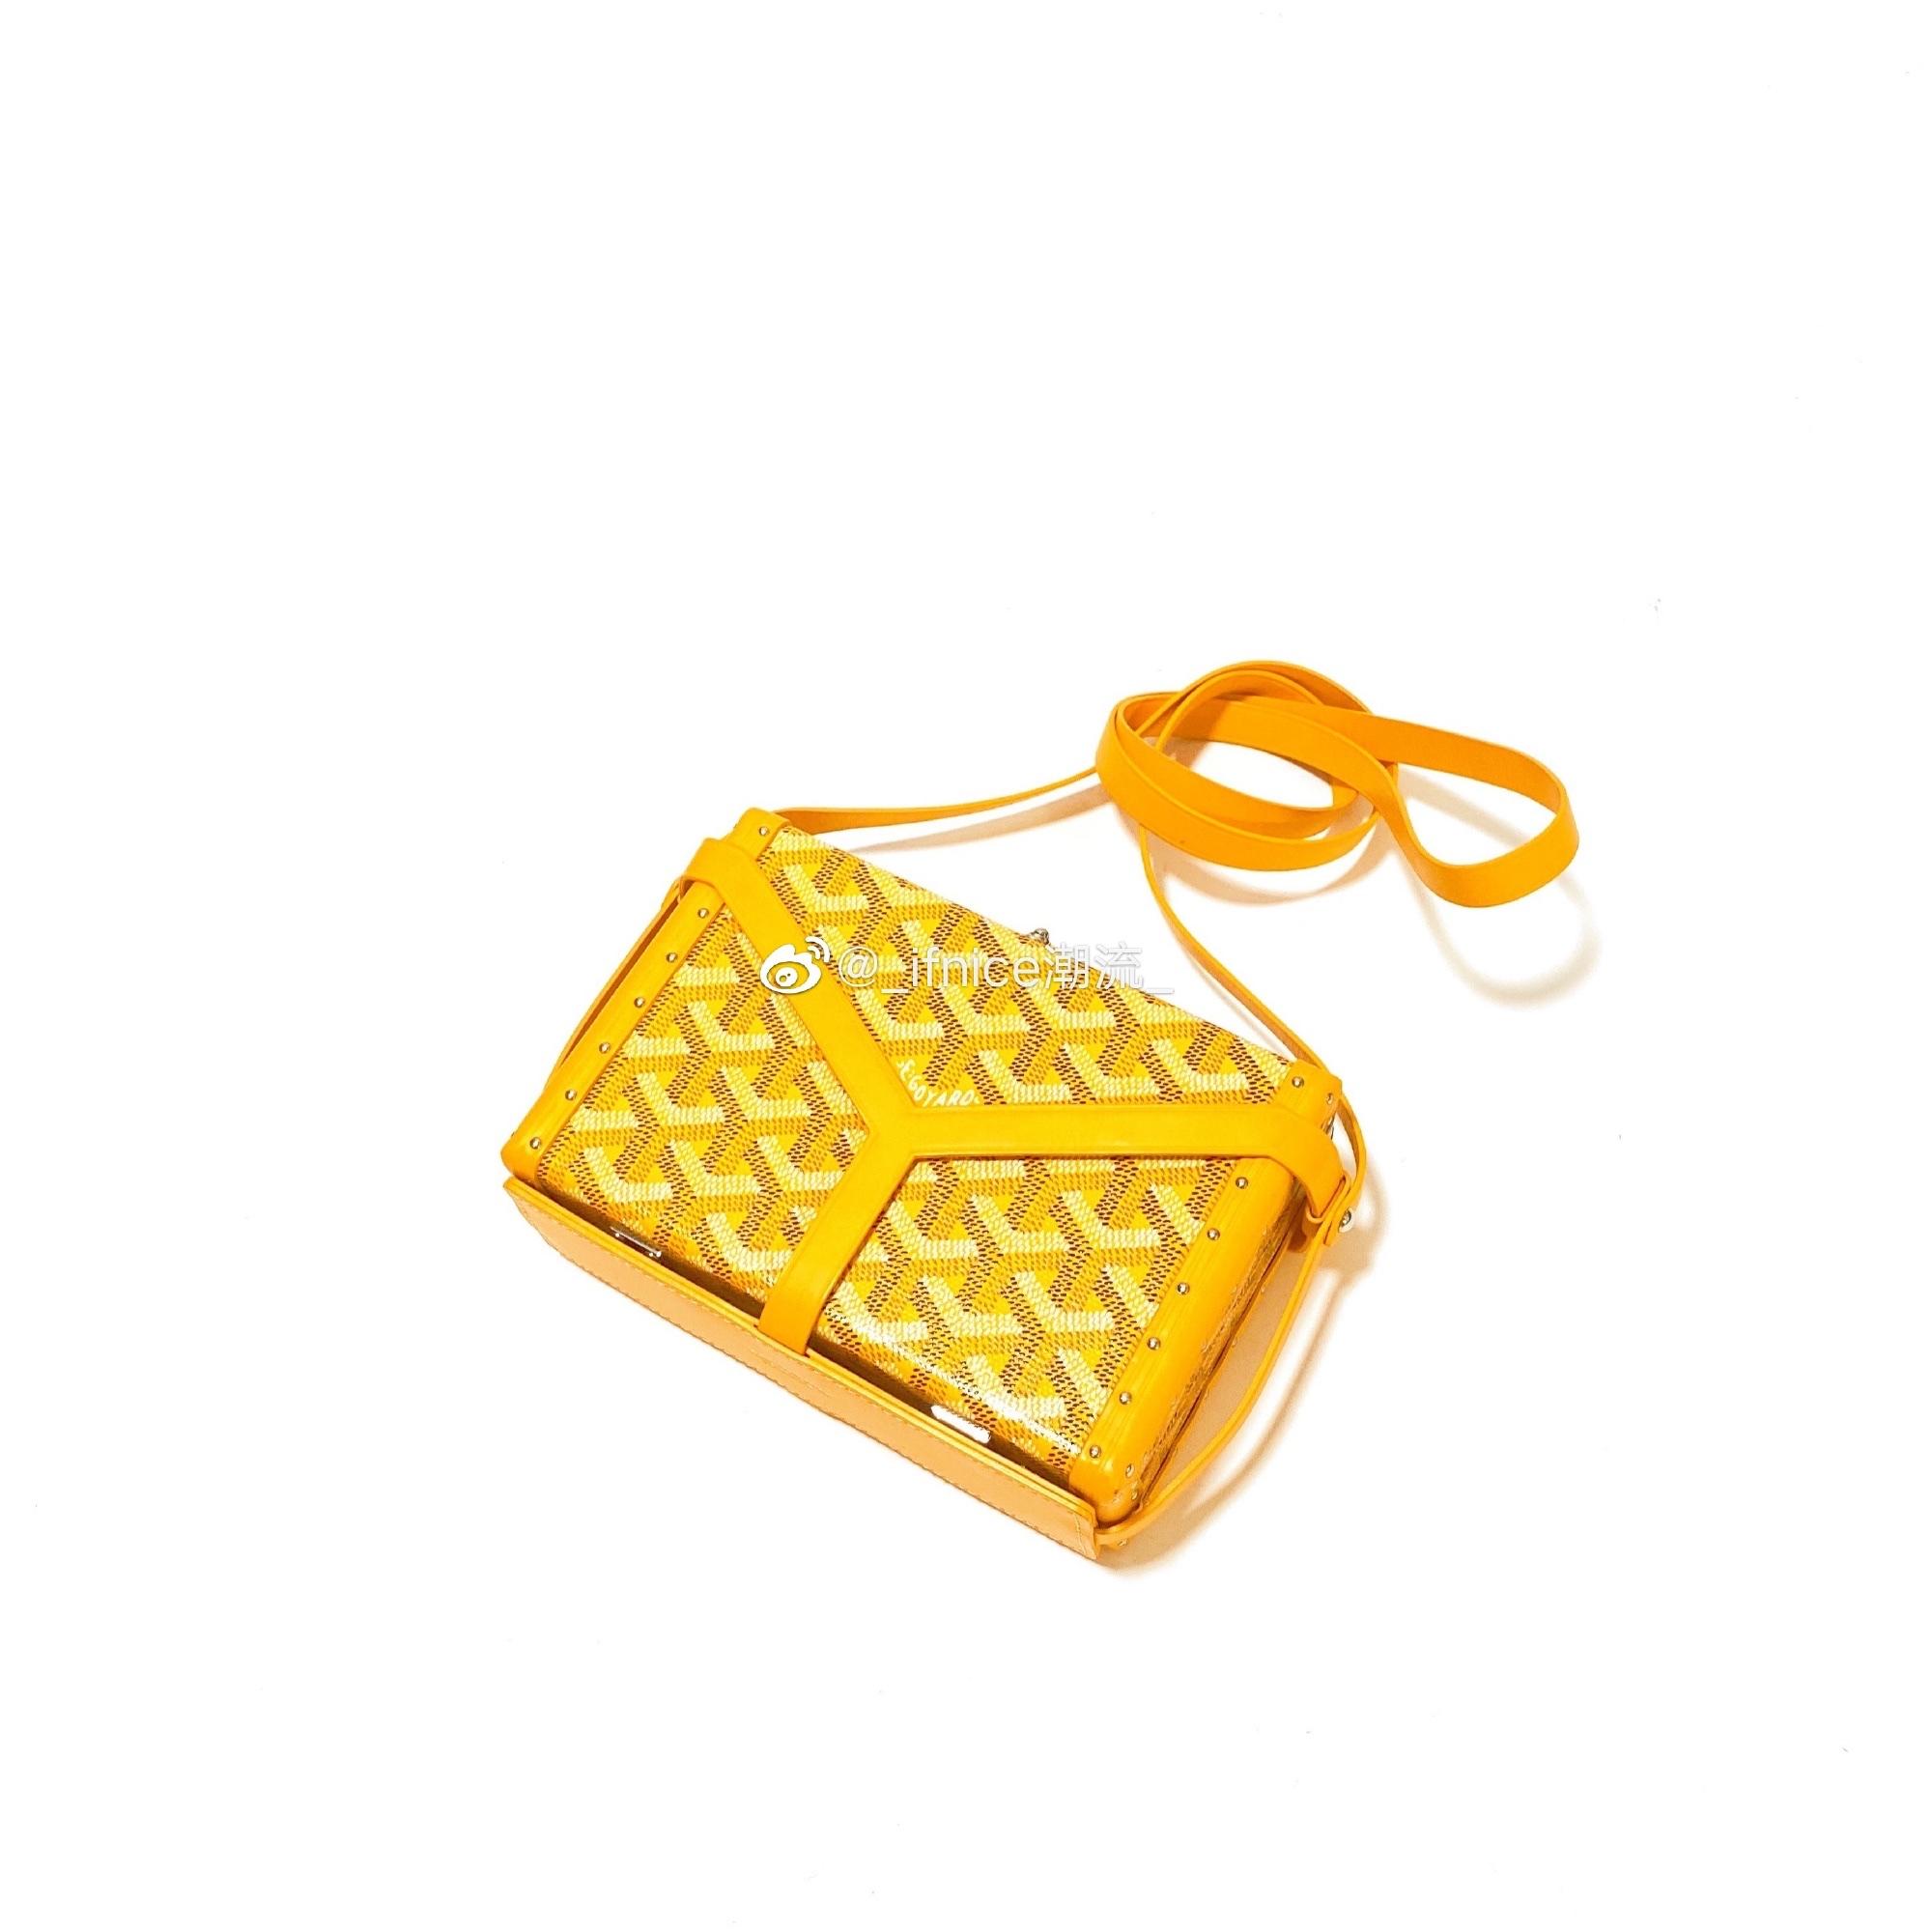 黄色邮差包 【现货】Goyard 戈雅 硬盒包 黄色盒子包单肩斜挎包 饭盒包邮差包_推荐淘宝好看的黄色邮差包